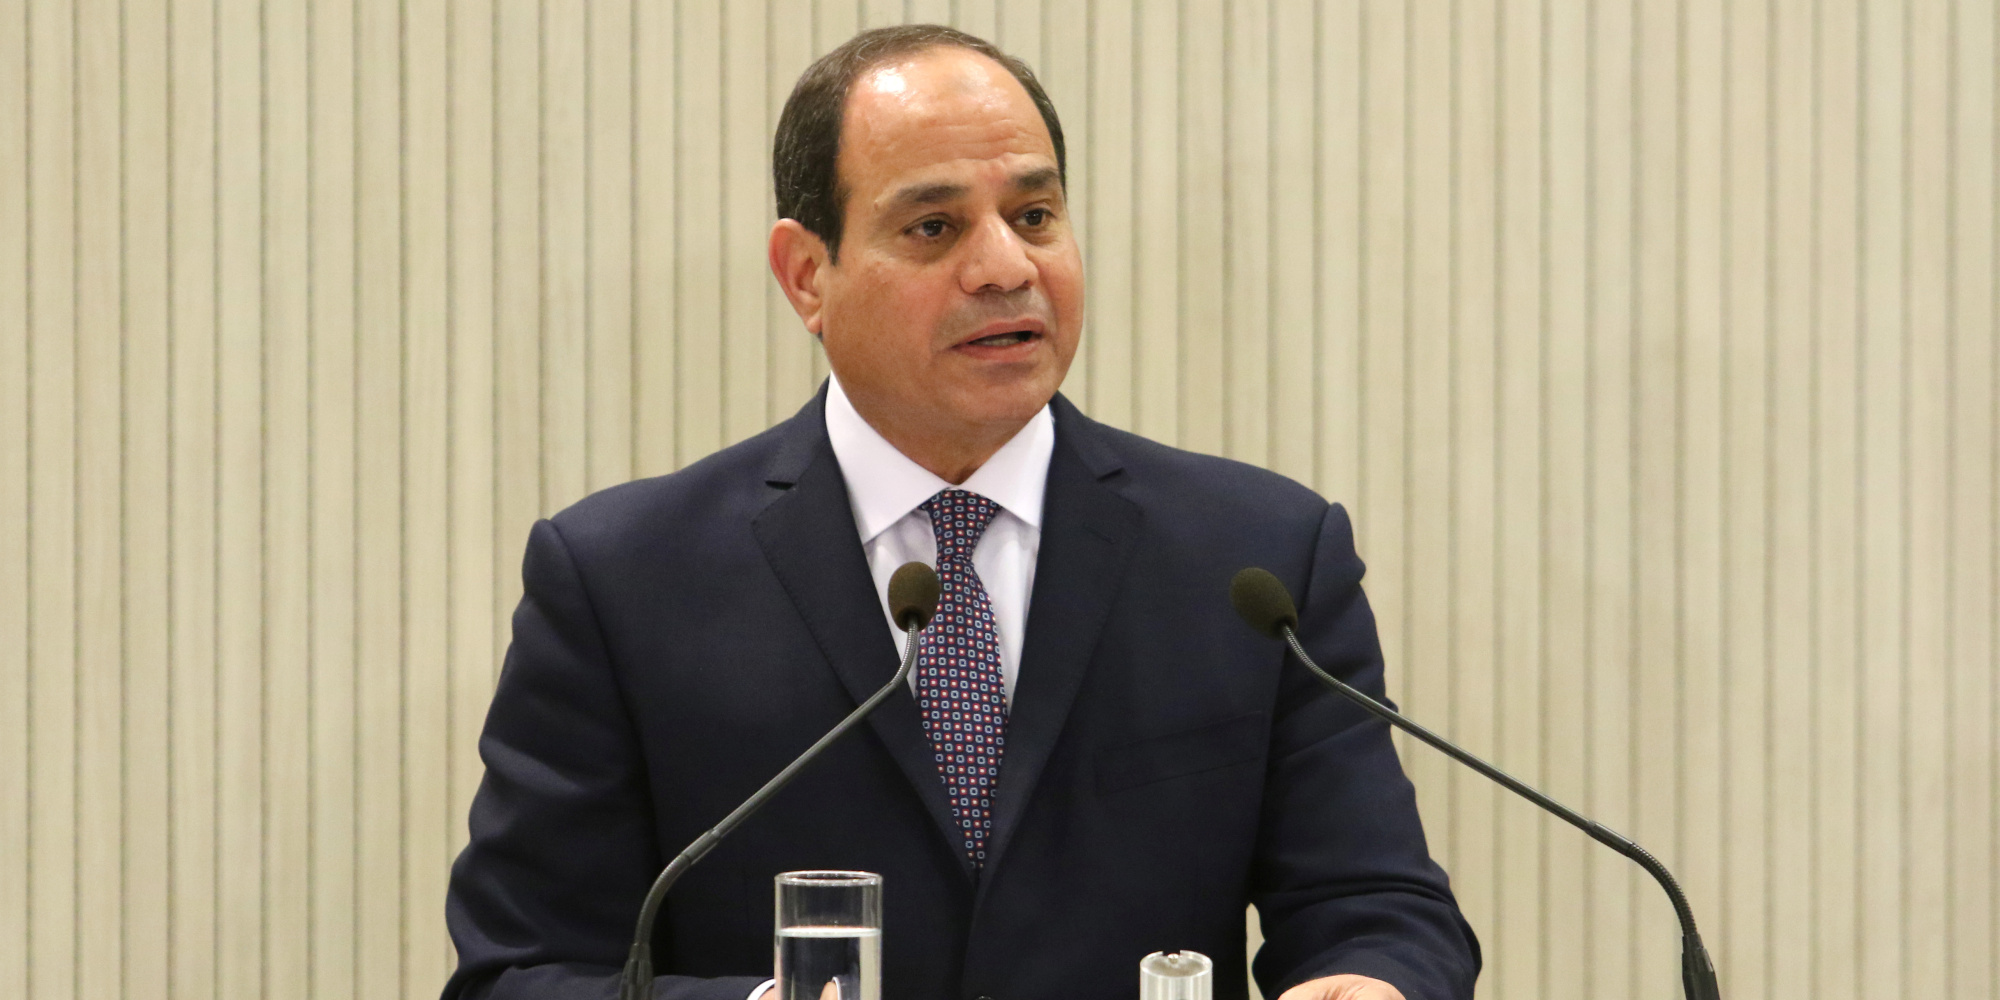 مصر تسجن 29 شخصاً بتهمة التخابر مع تركيا..  خططوا لعودة الإخوان إلى الحكم